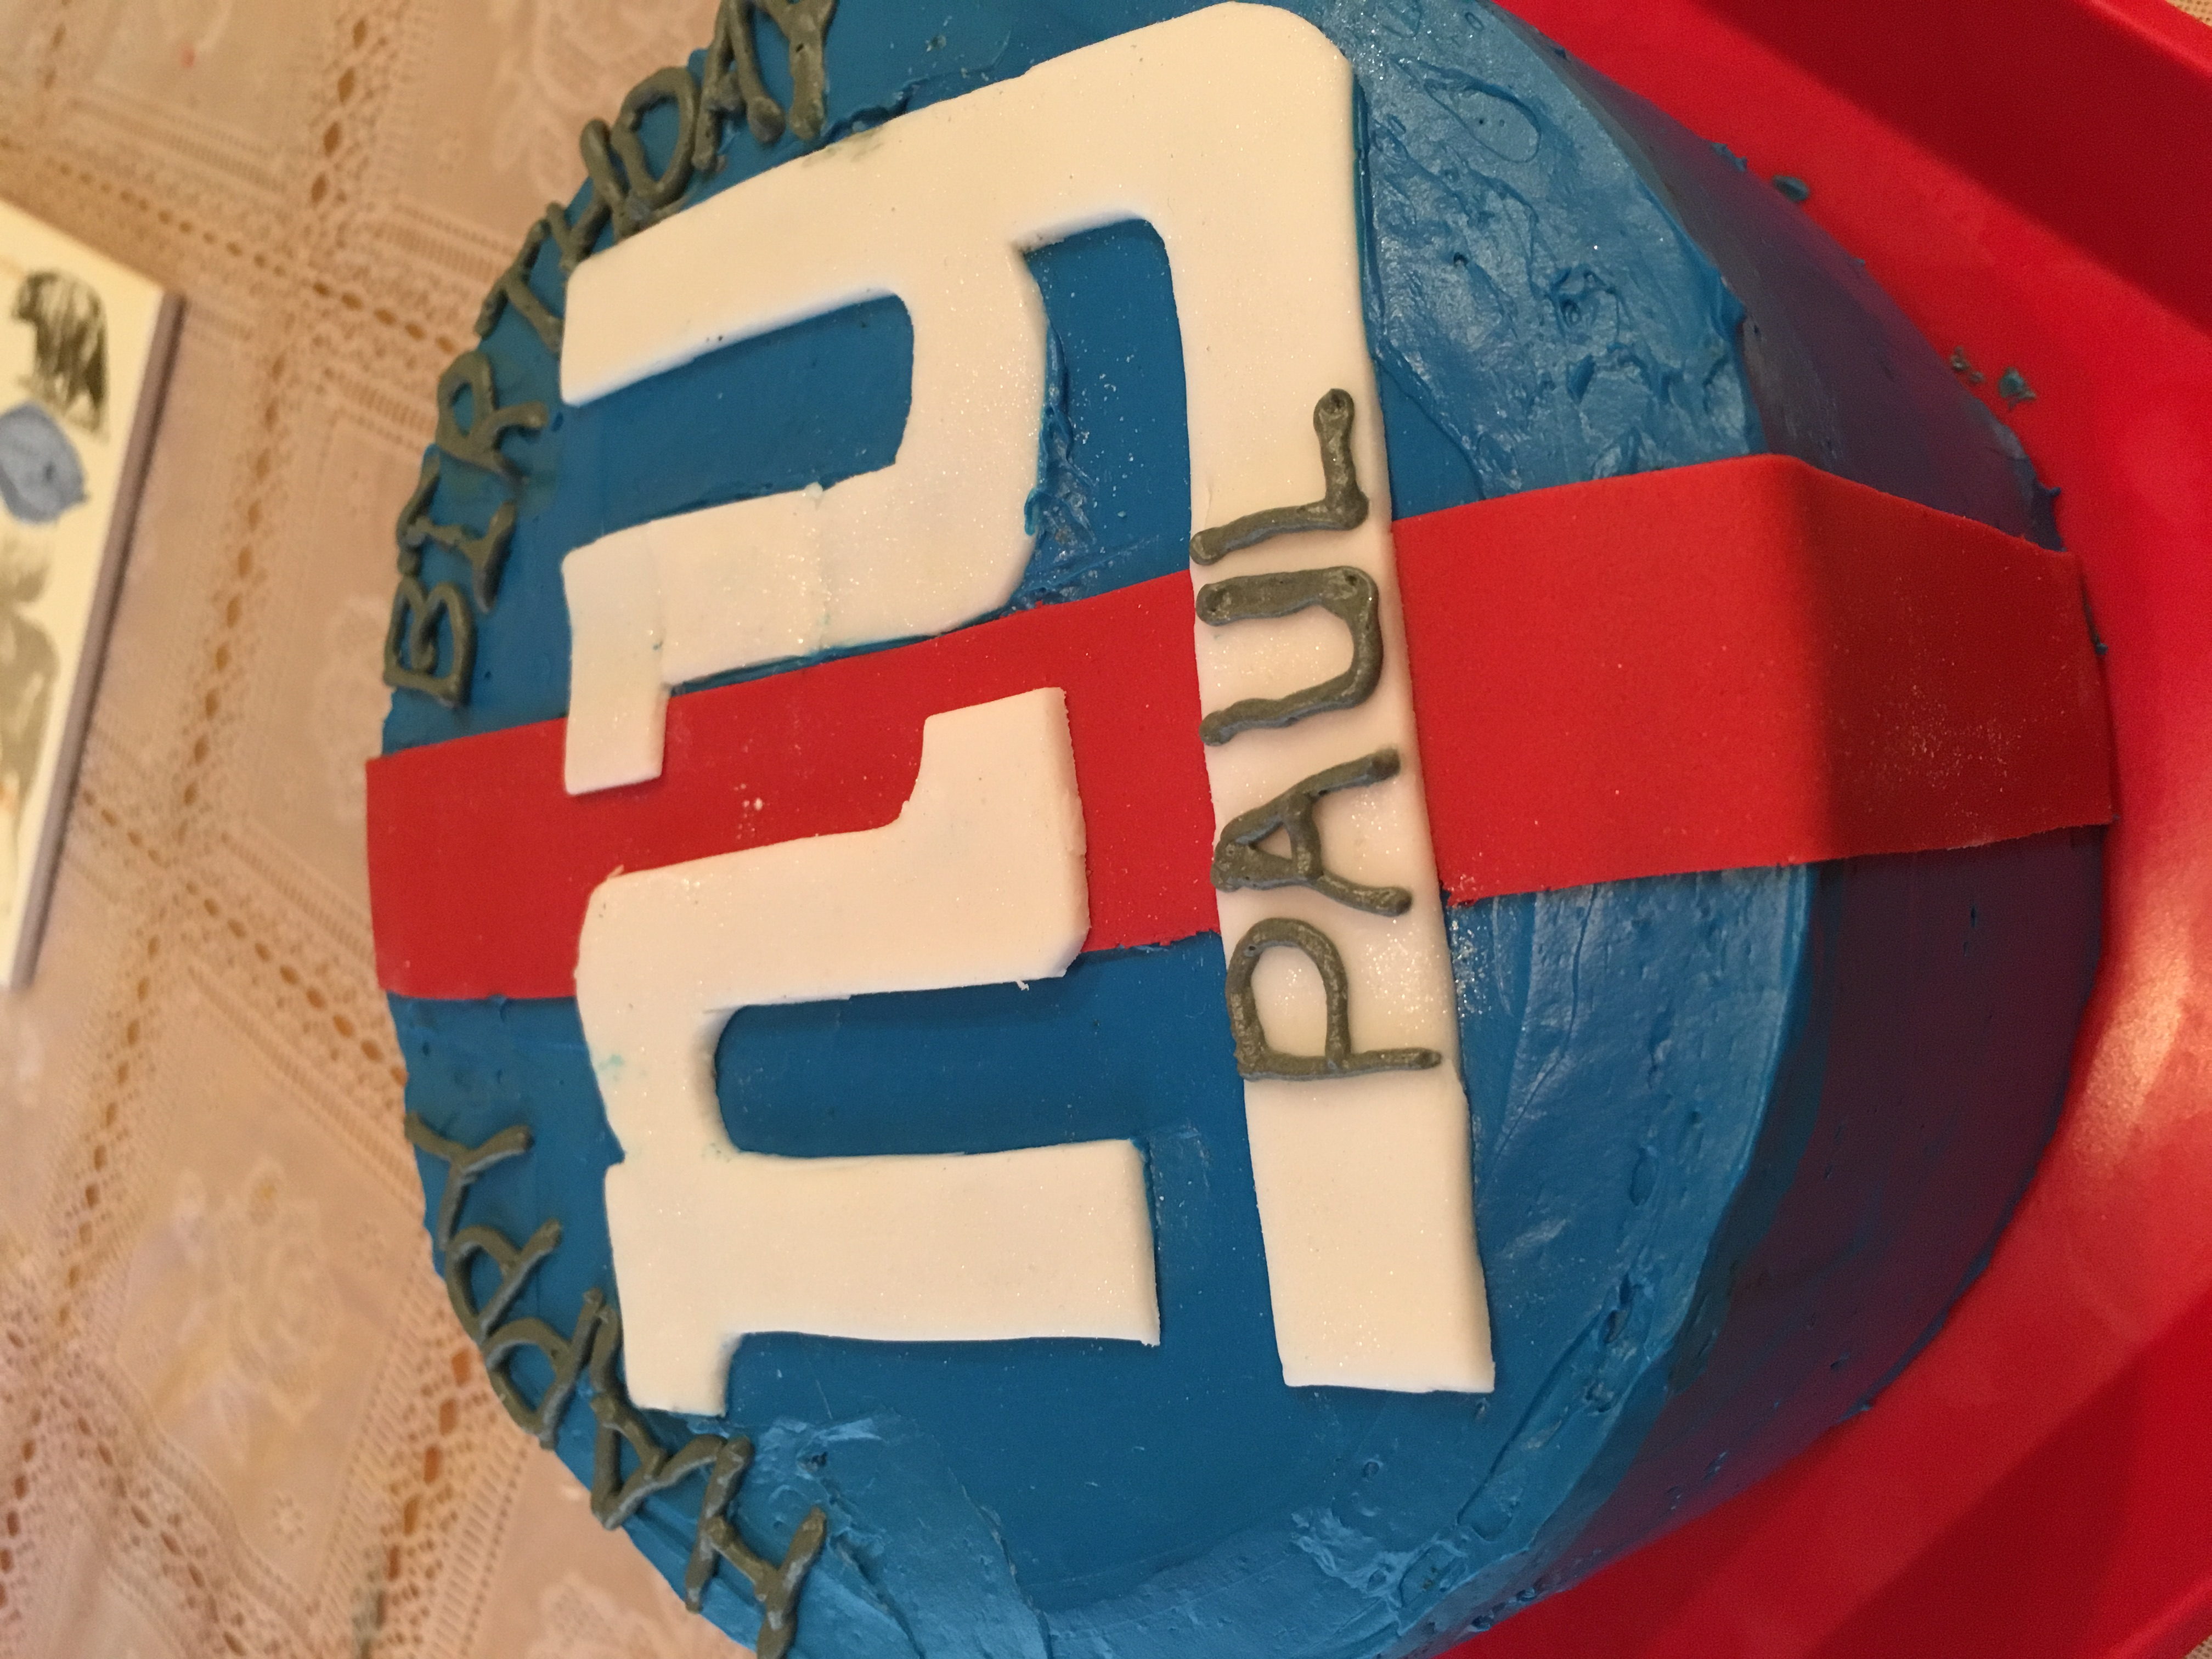 NY Giants Birthday Cake